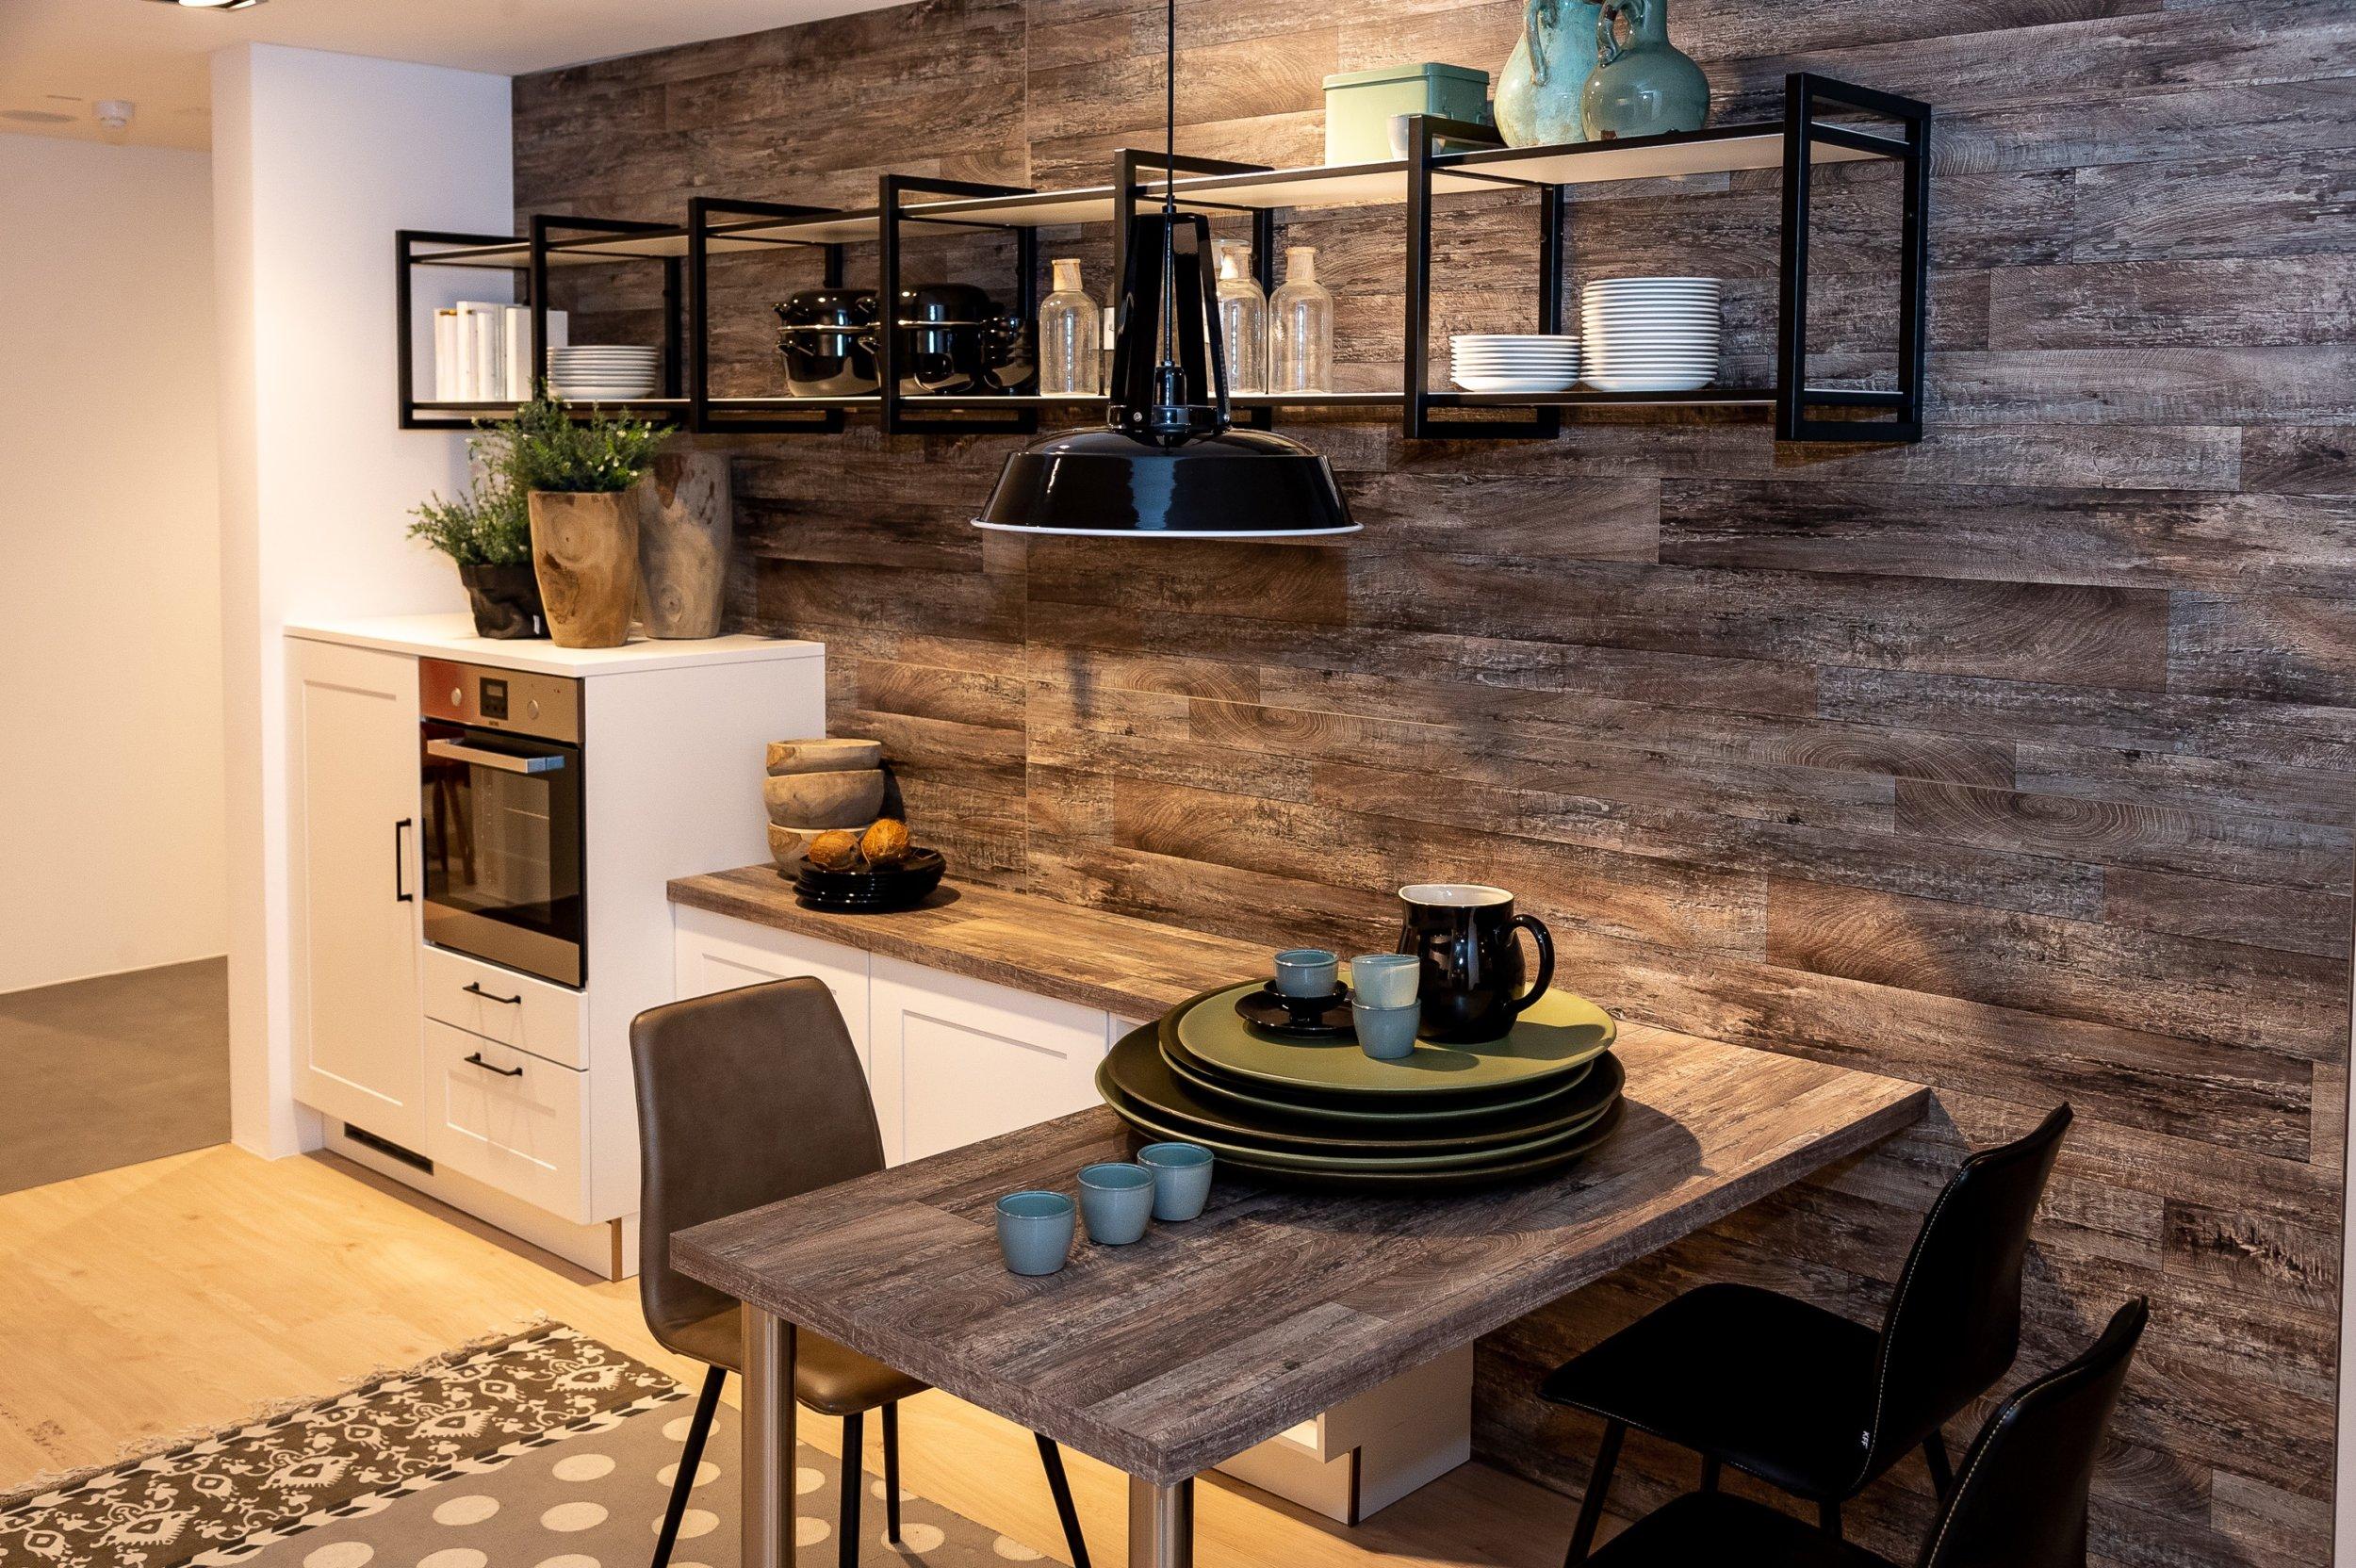 Full Size of Klapptisch Küche Wand Schmaler Klapptisch Küche Kleiner Klapptisch Küche Klapptisch Küche Selber Bauen Küche Klapptisch Küche